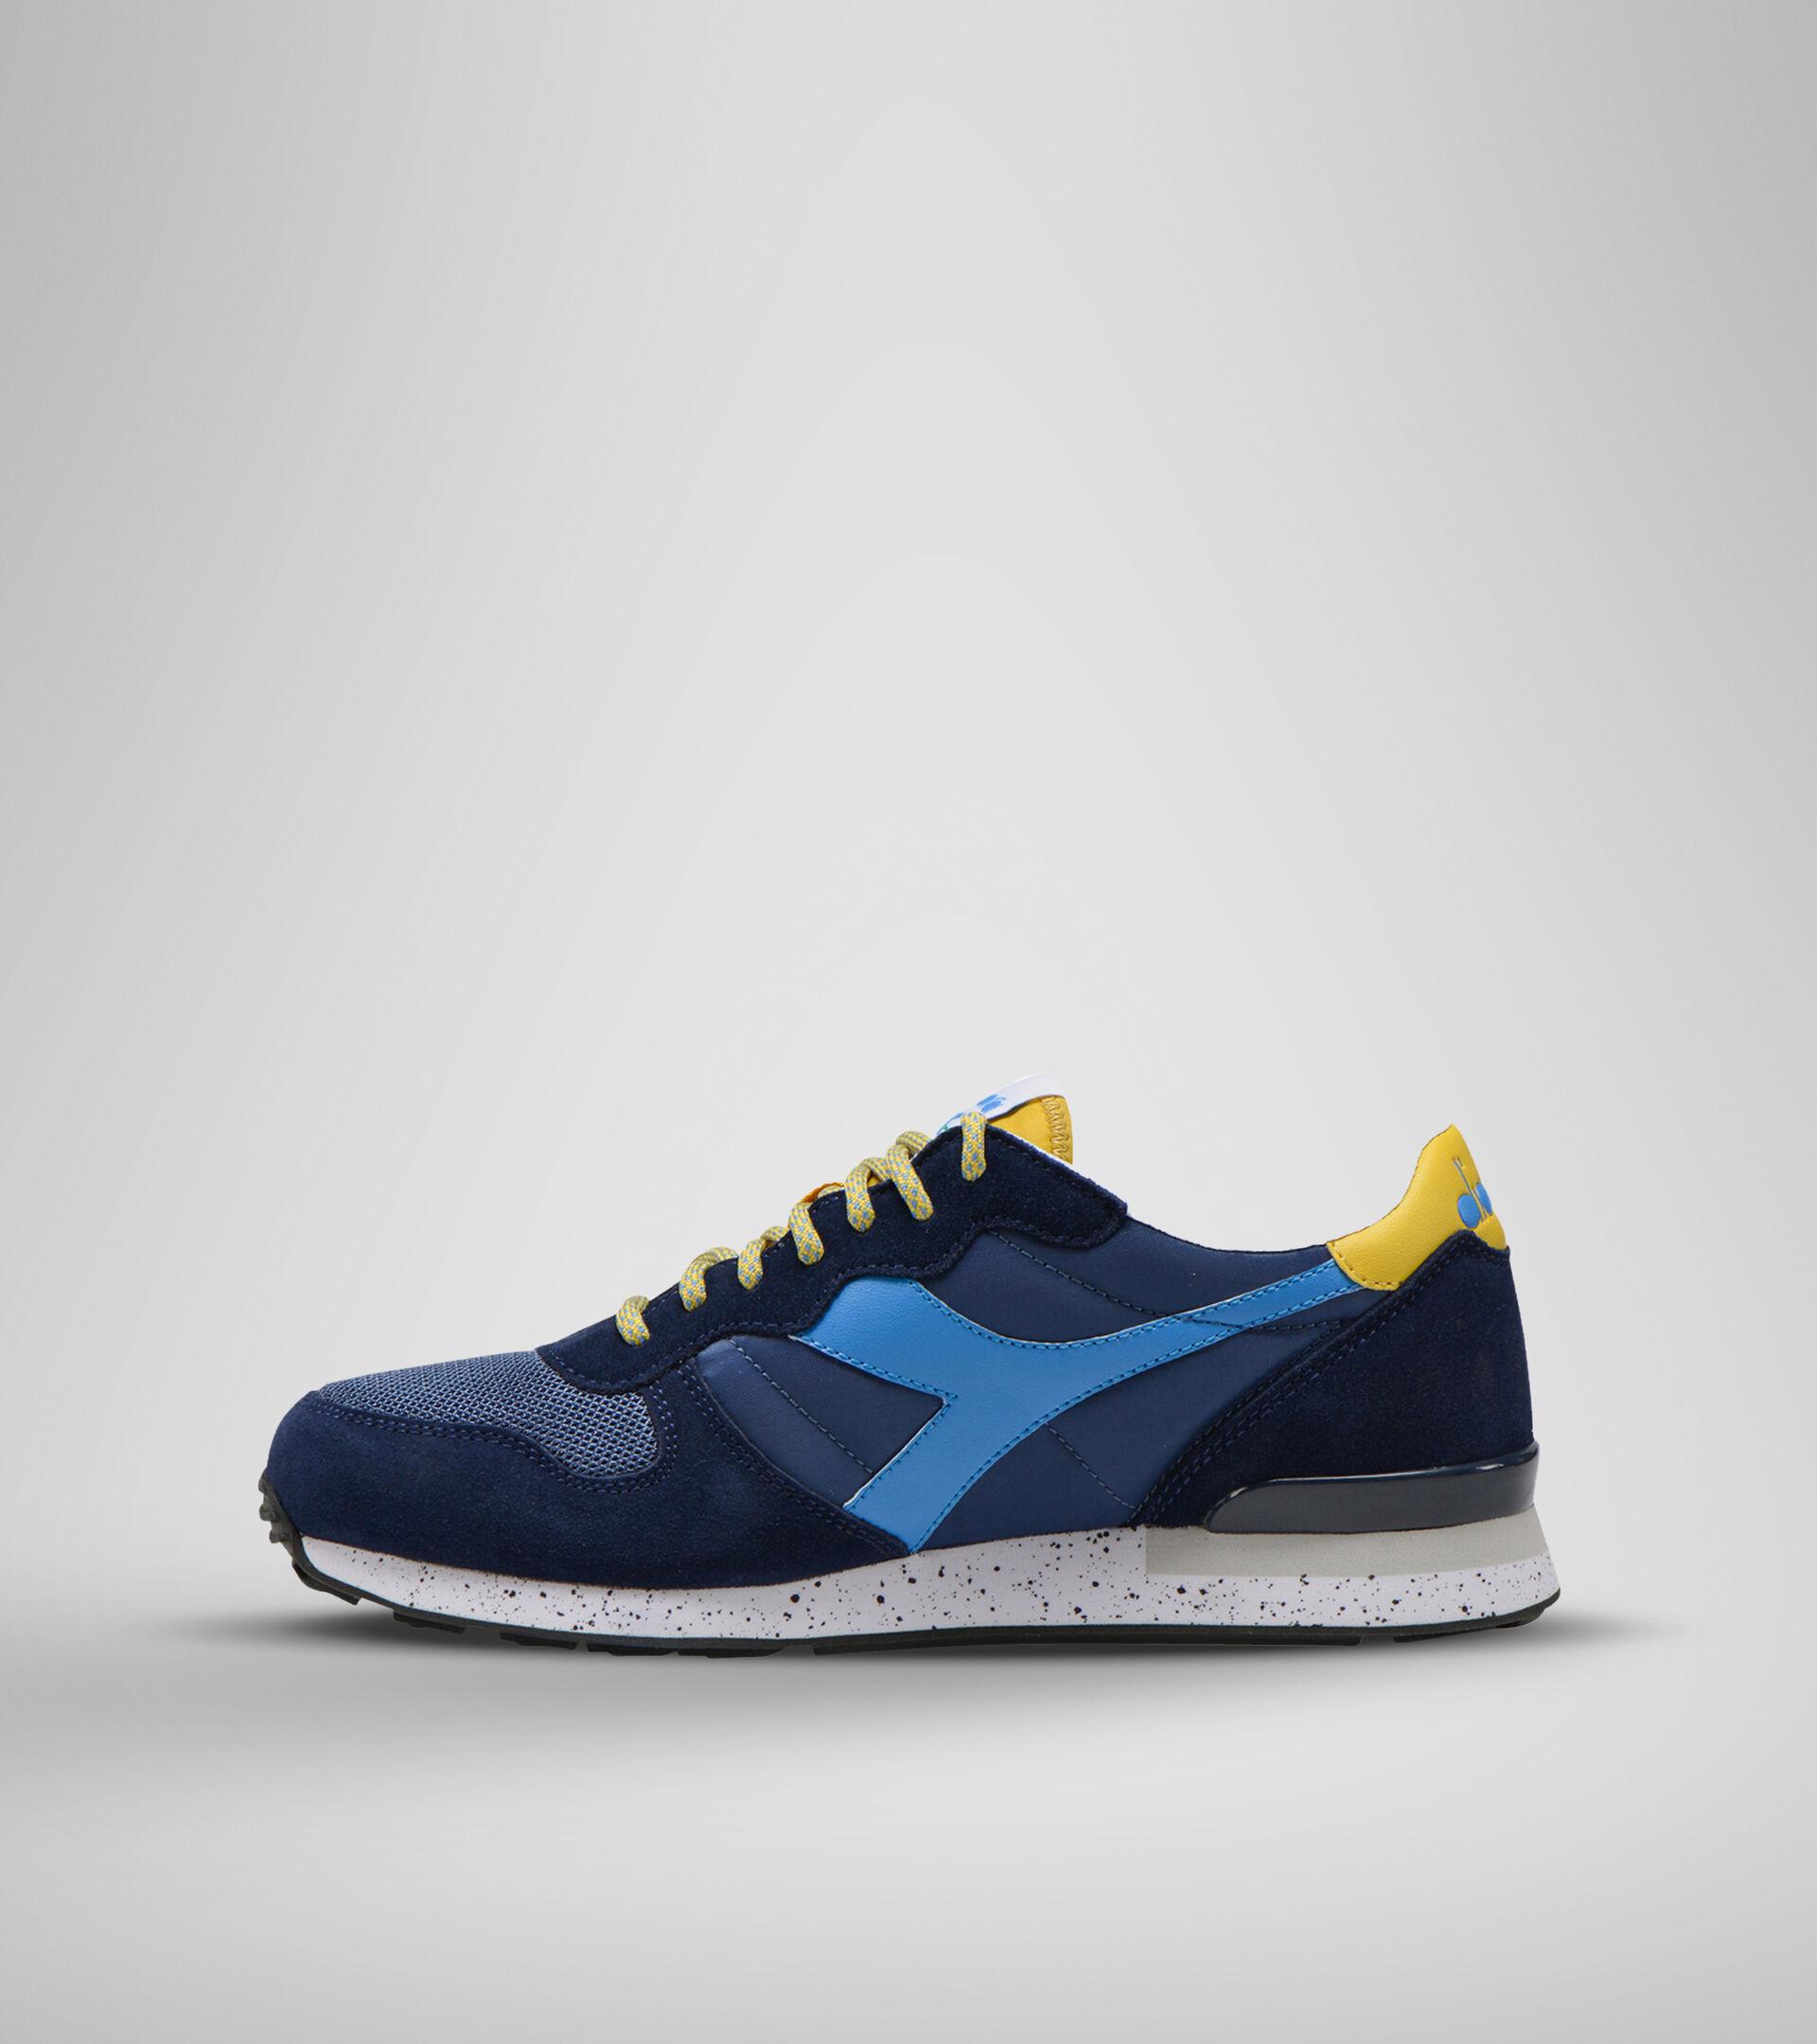 Footwear Sportswear UNISEX CAMARO OUTDOOR AZUL BANDERIN/AZUL AZURE/AMARI Diadora